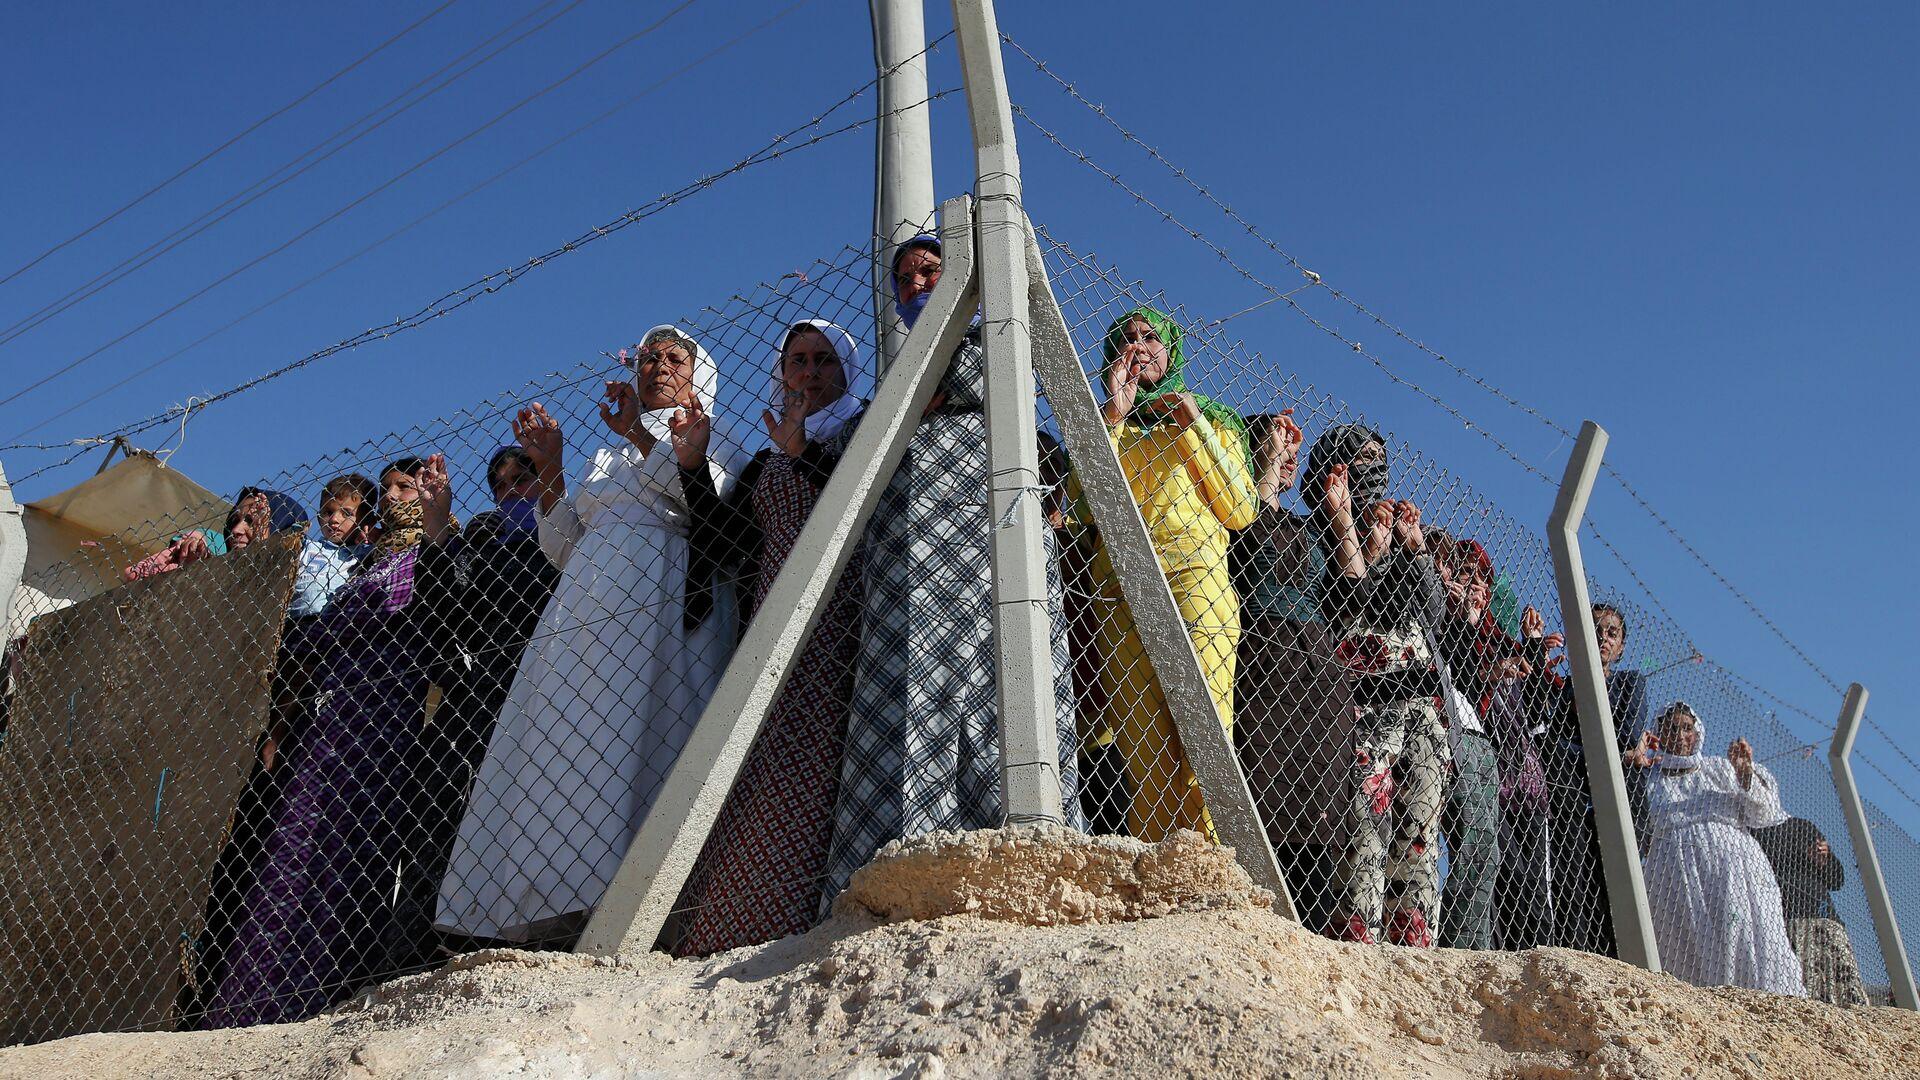 Refugiados sirios en el campo de refugiados de Midyat en Mardin, sudeste de Turquía - Sputnik Mundo, 1920, 02.07.2021